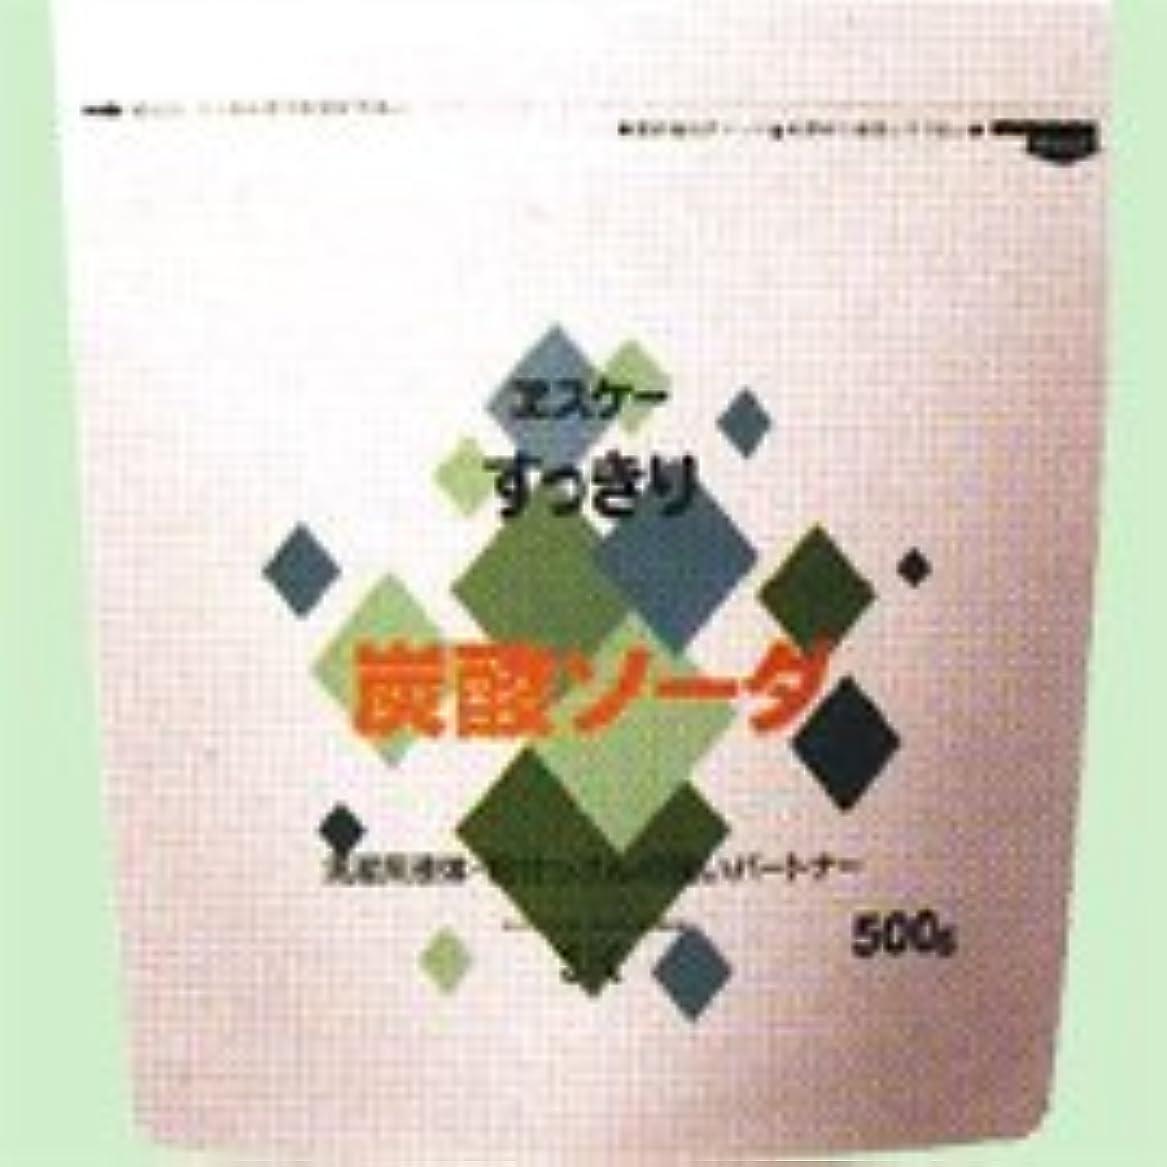 すっきり炭酸ソーダ 500g   エスケー石鹸